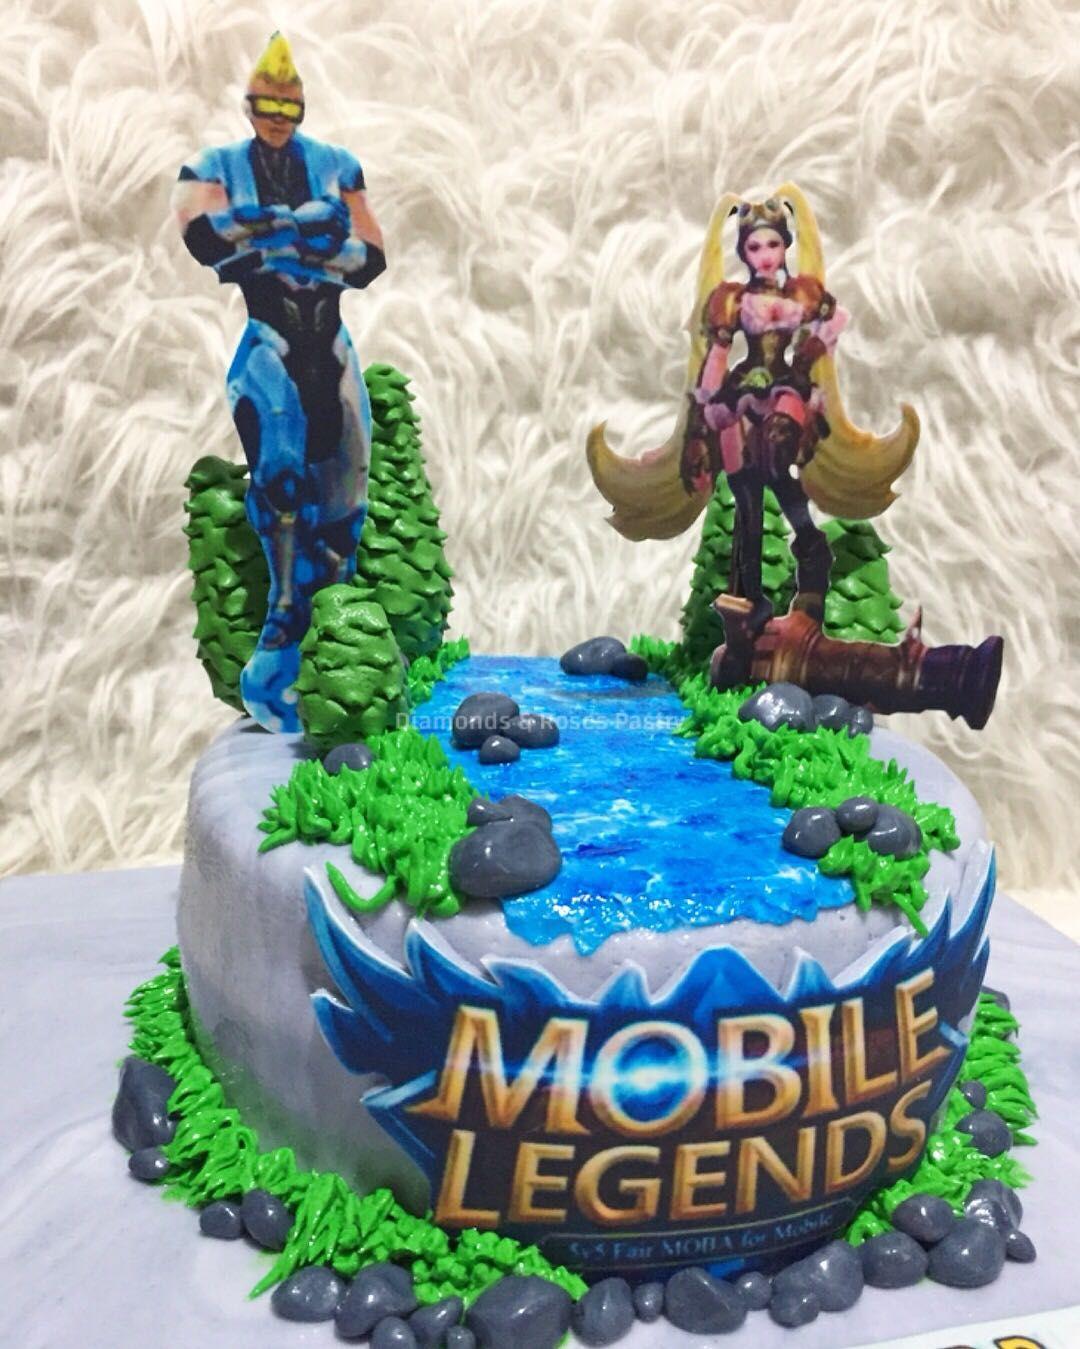 birthday cake mobile legends cake design 2 Koleksi Potret Mobile Legends Cake Paling  Cake designs for